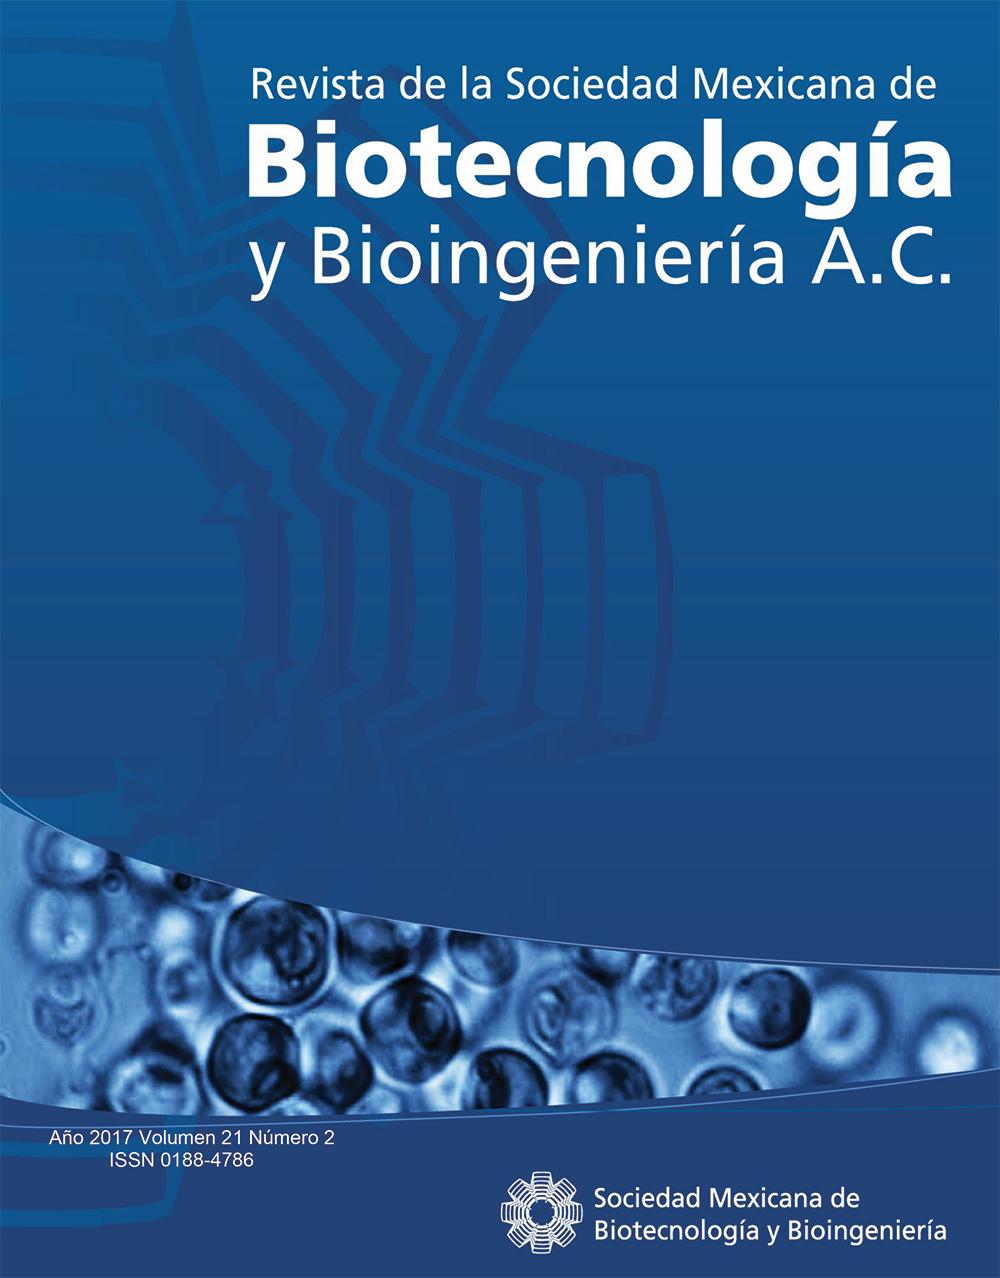 REVISTA BIOTECNOLOGÍA 2017 Vol. 21 Nº2